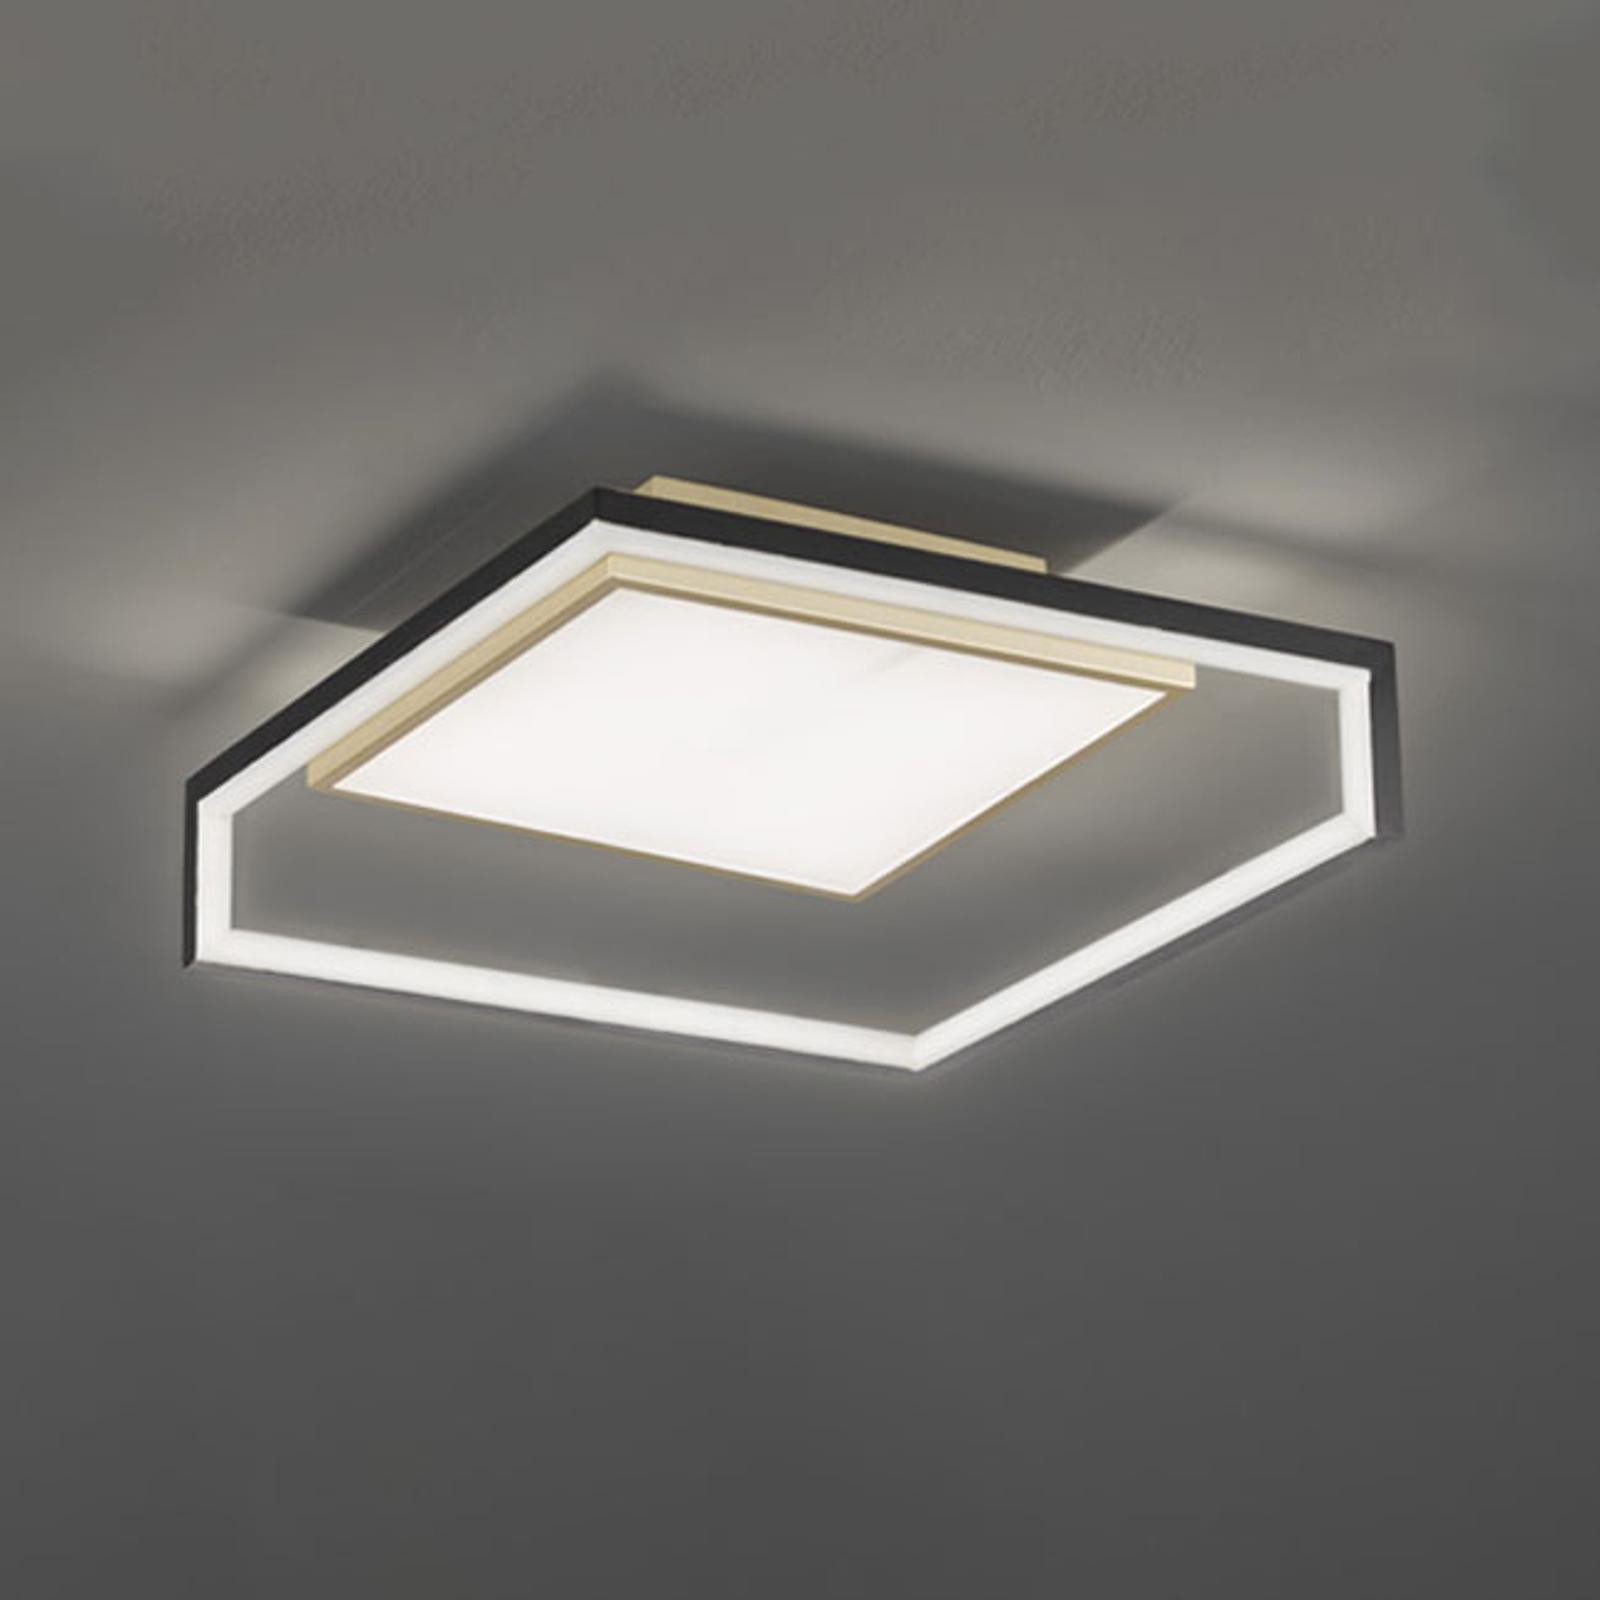 Lampa sufitowa LED Nala o nowoczesnym wzornictwie